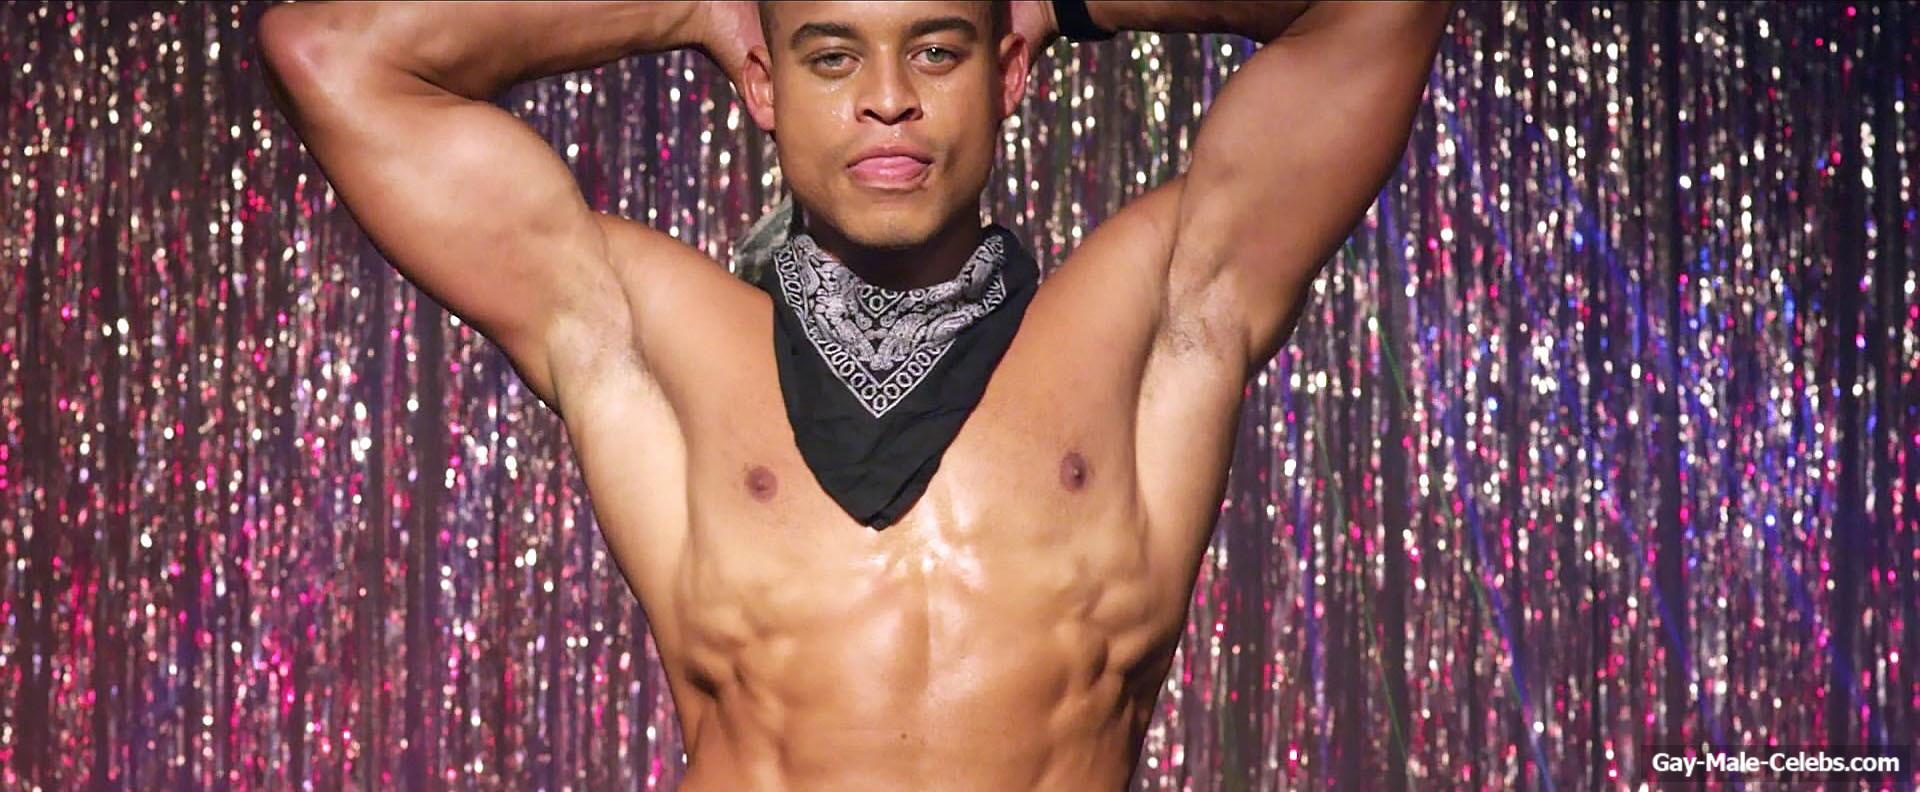 Need A Hard Junior Cock Videos Porno black male celebs | male celebs - gay-male-celebs